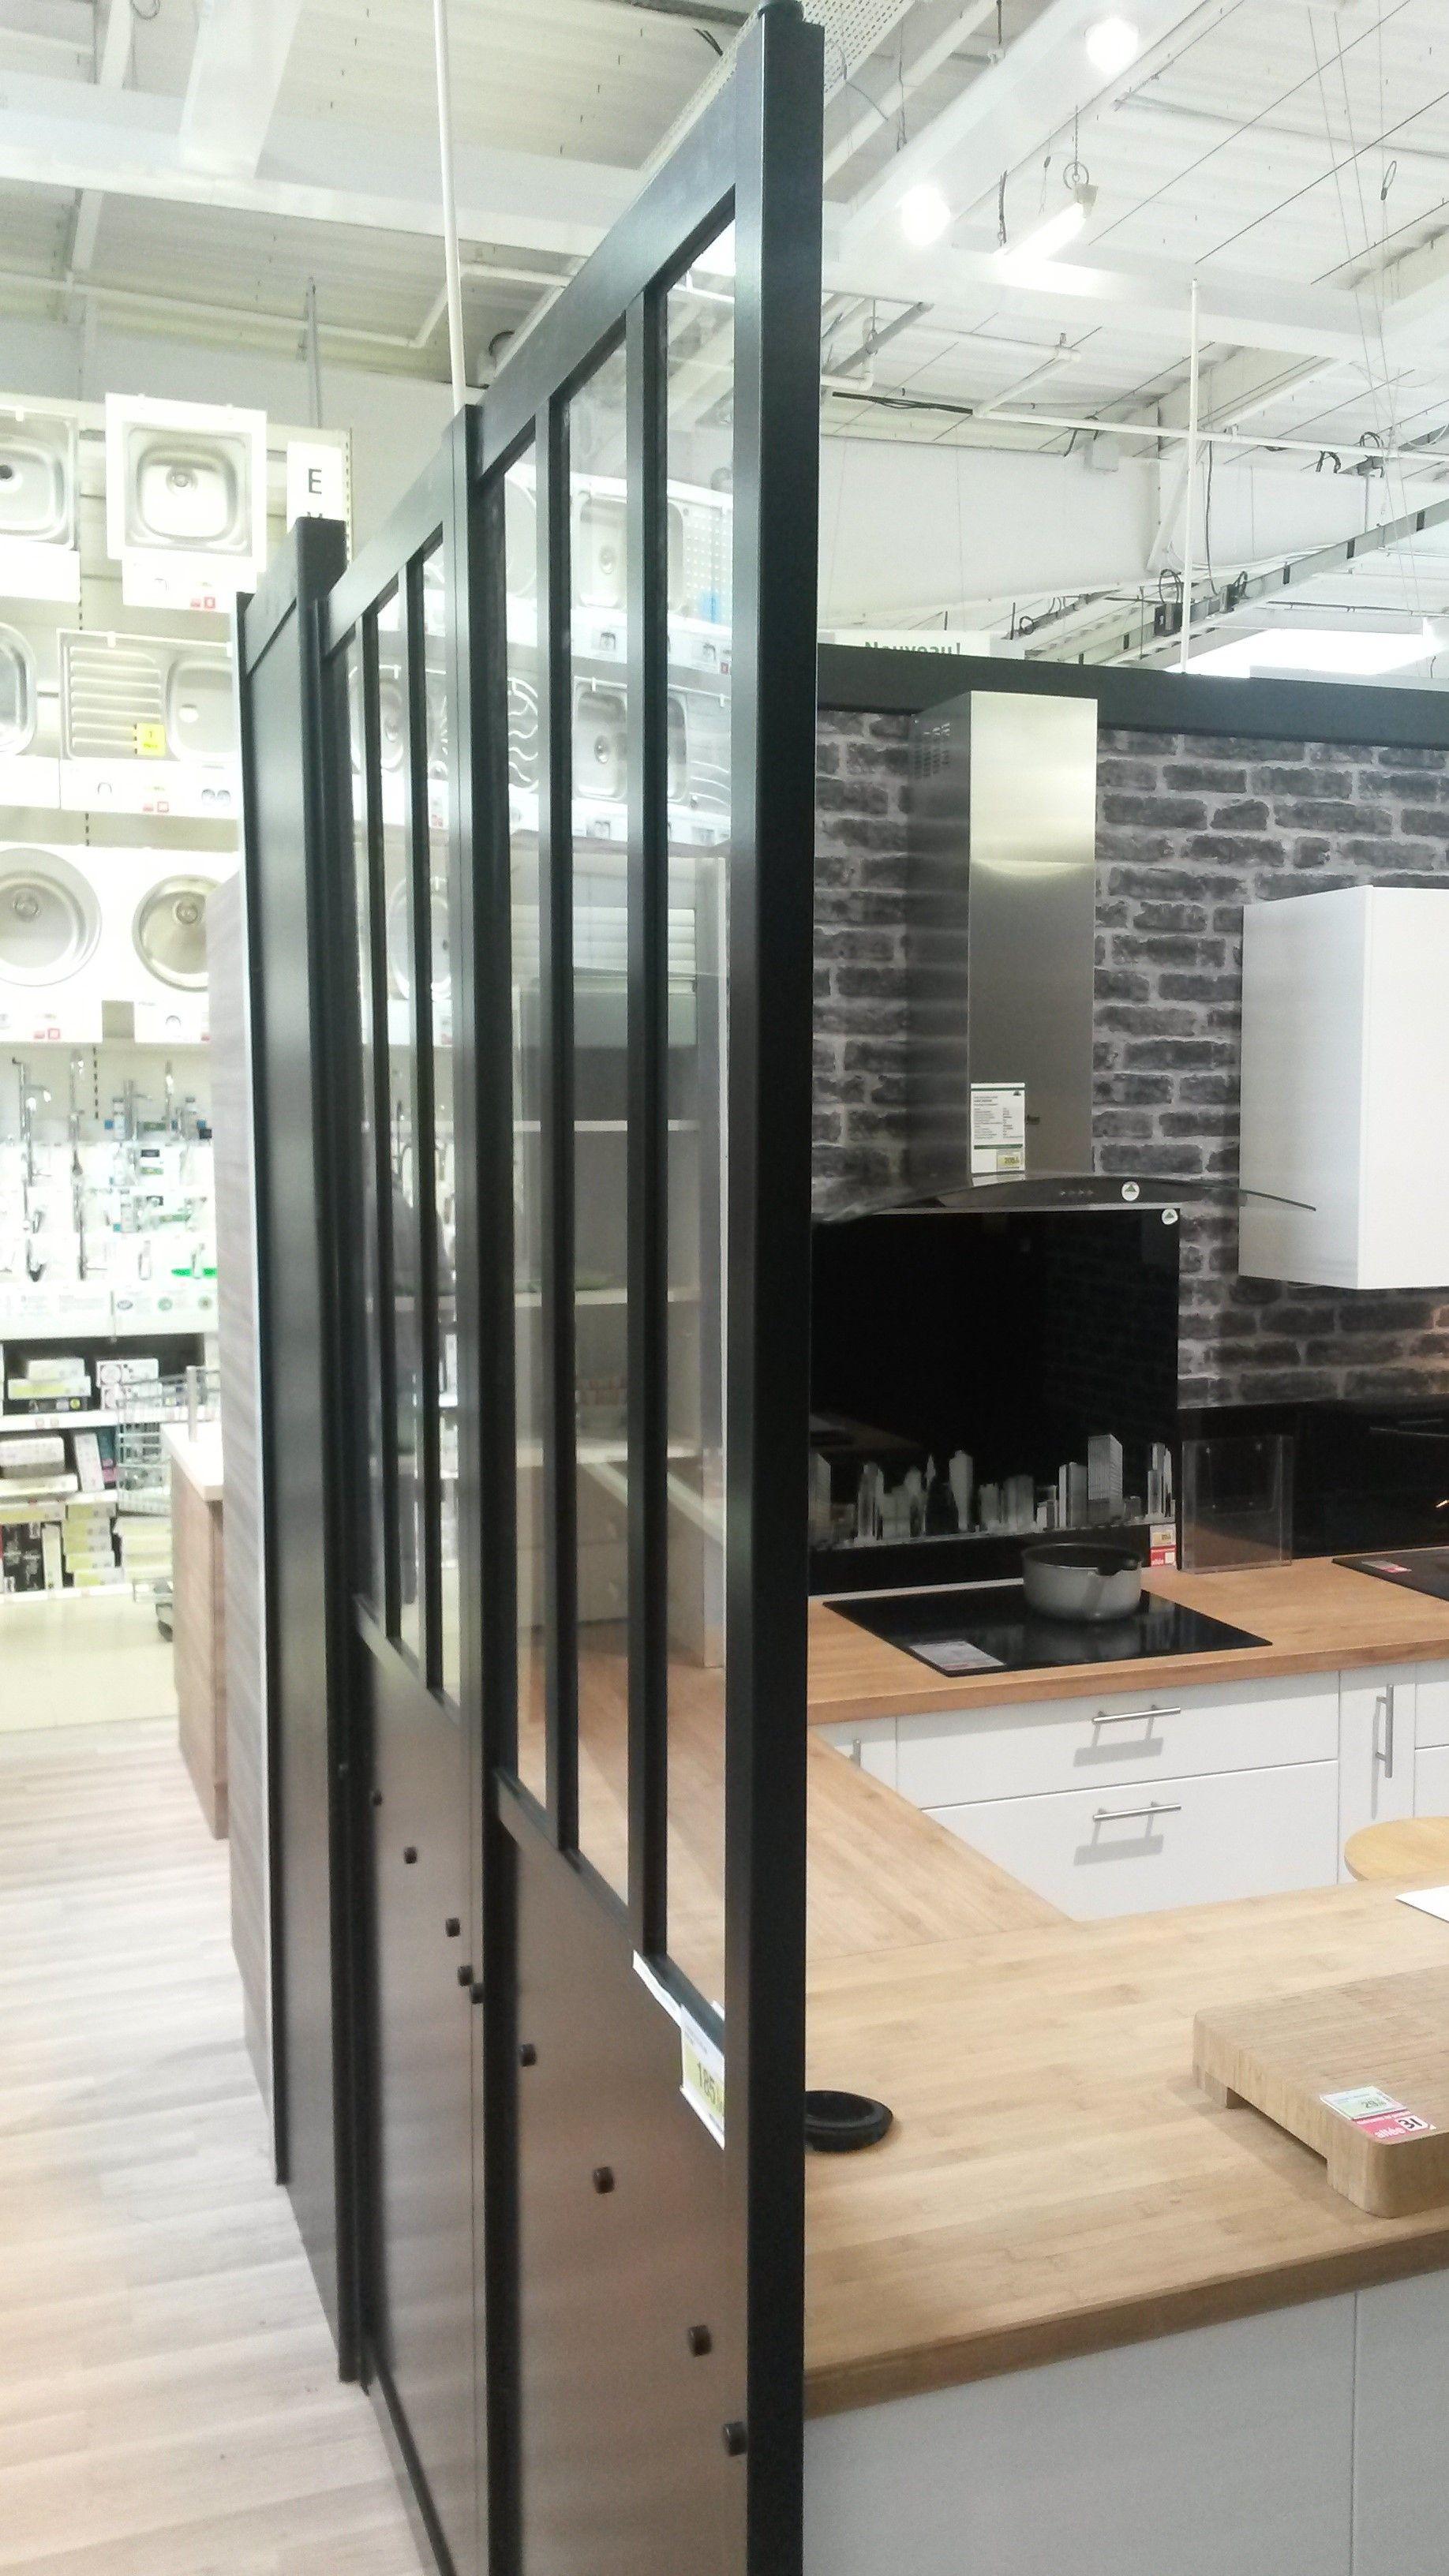 66 Nouveau Images De Verriere Interieur Lapeyre 1000 Maison Di 2018